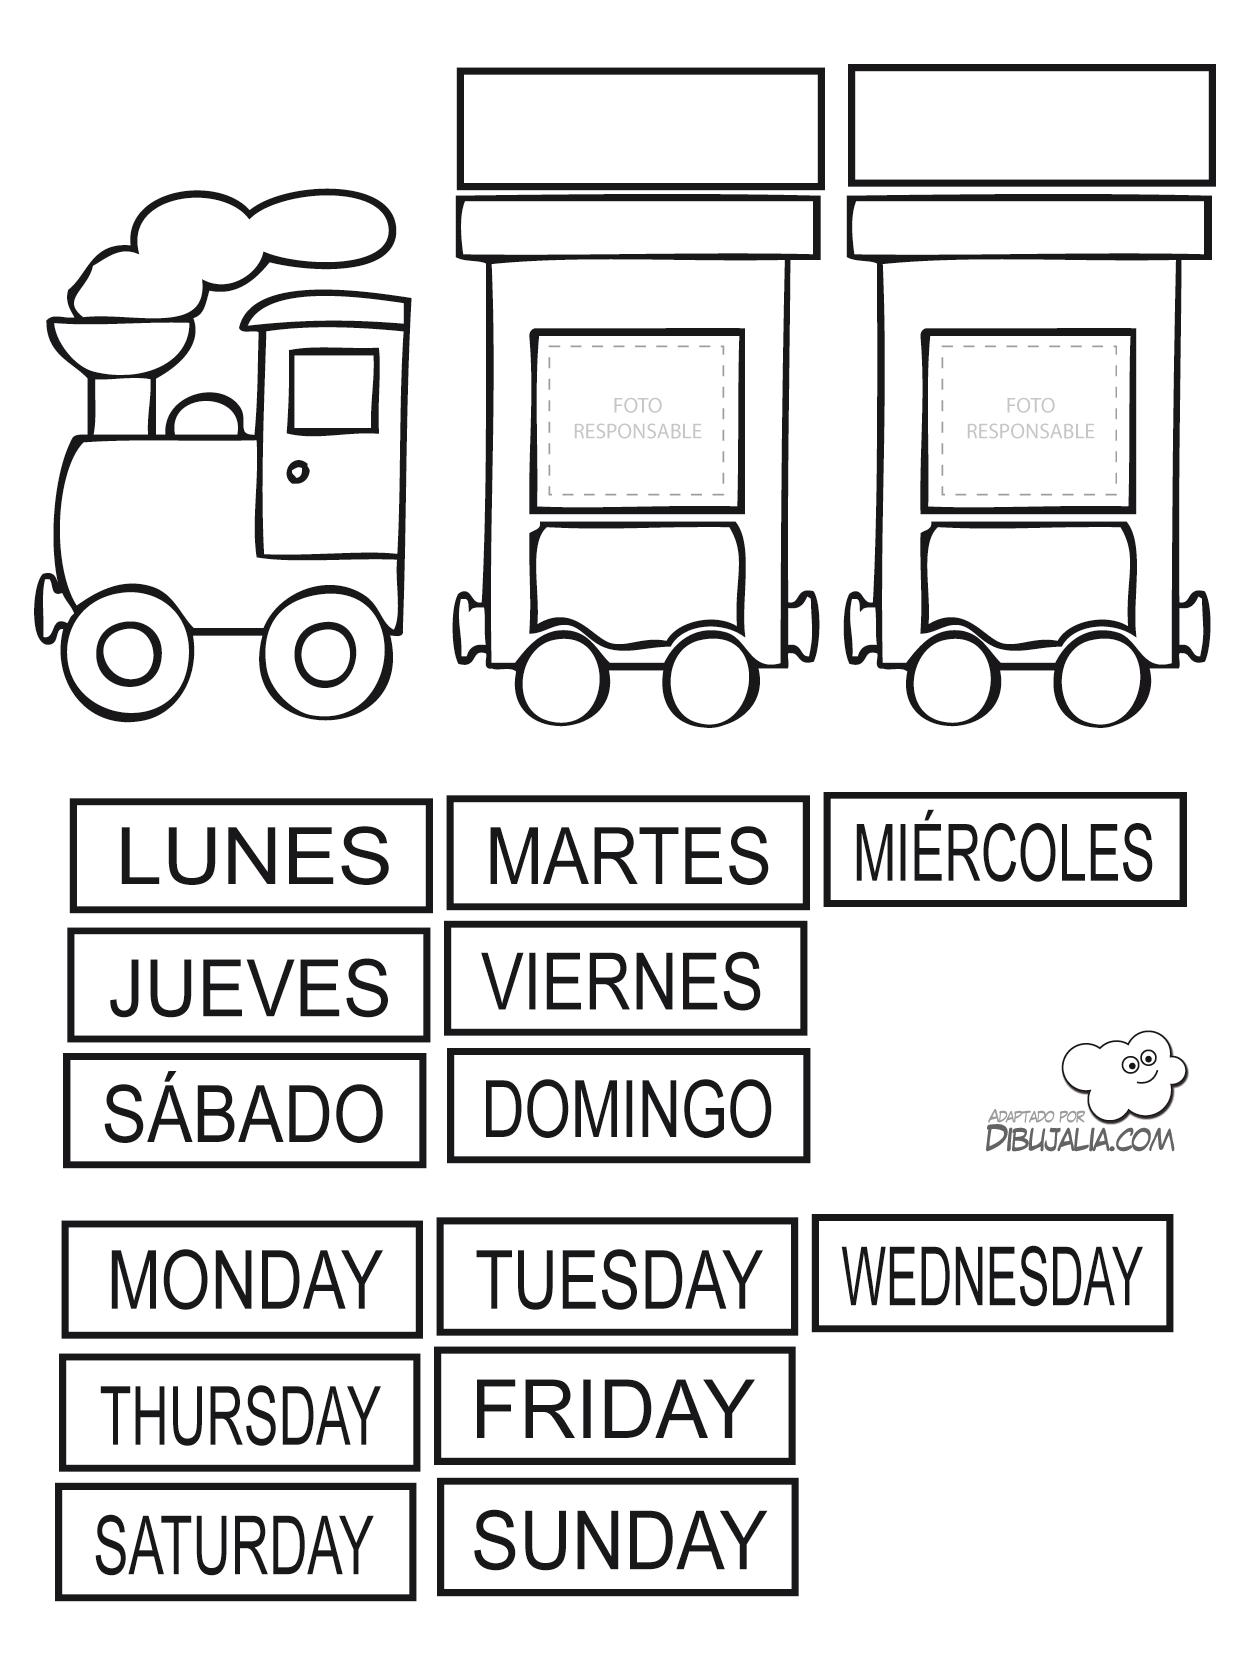 Tren Dias Semana Y Responsable Dibujalia Dibujos Para Colorear Profes Tren Dias Semana Y Re Dias De La Semana La Semana En Ingles Calendario Preescolar